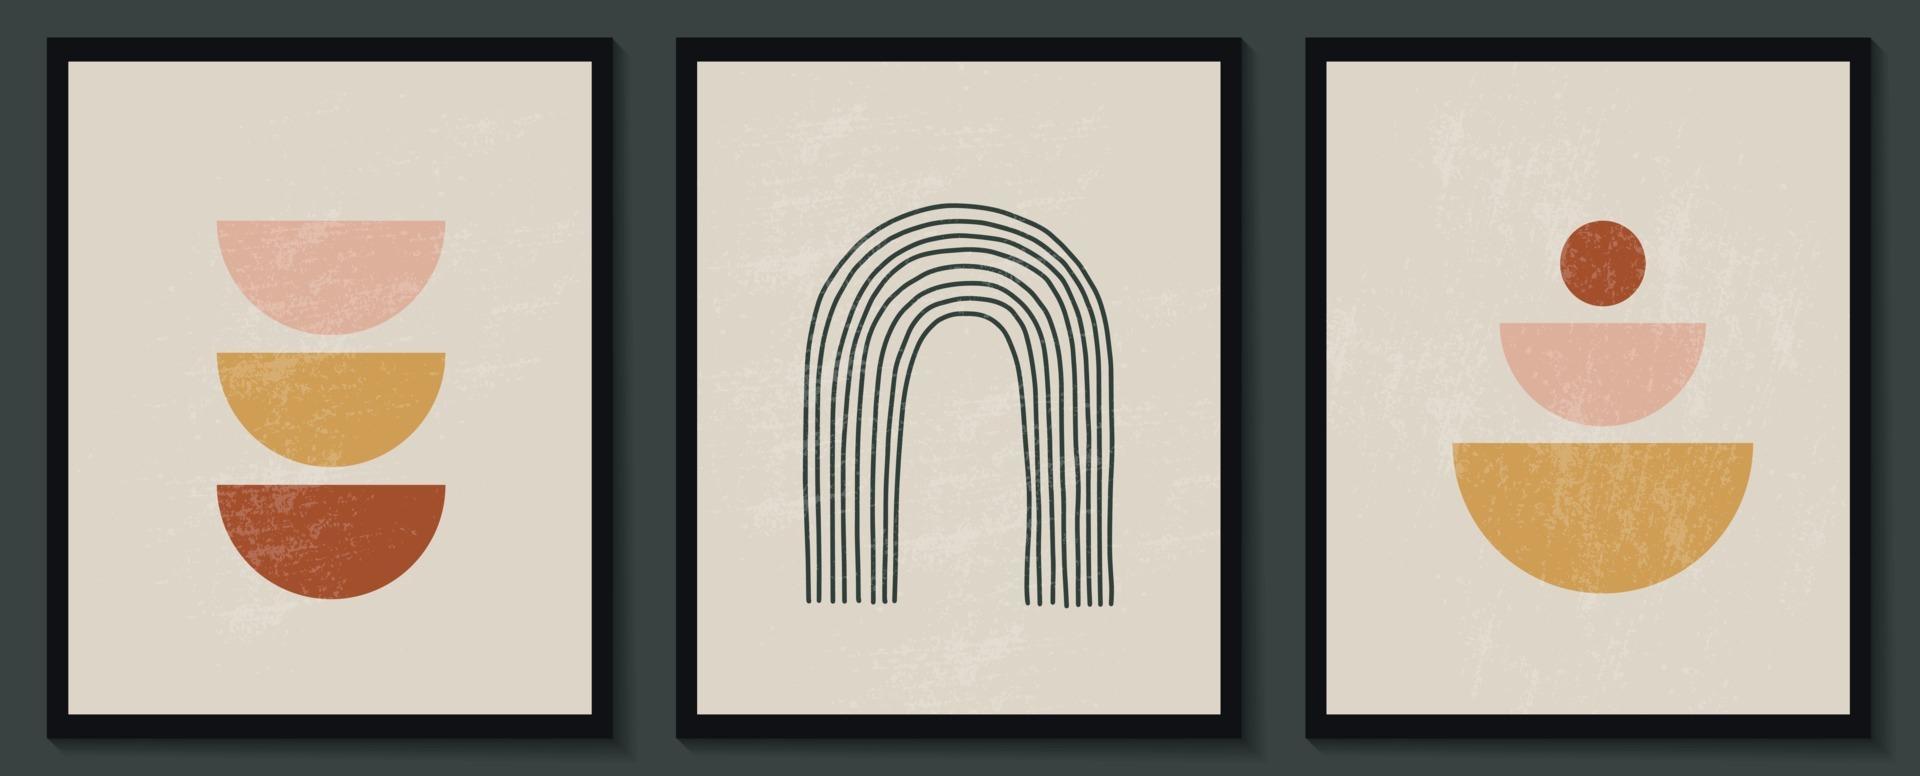 moderno conjunto contemporáneo de composición artística pintada a mano minimalista geométrica creativa abstracta. carteles vectoriales para decoración de paredes en estilo vintage vector